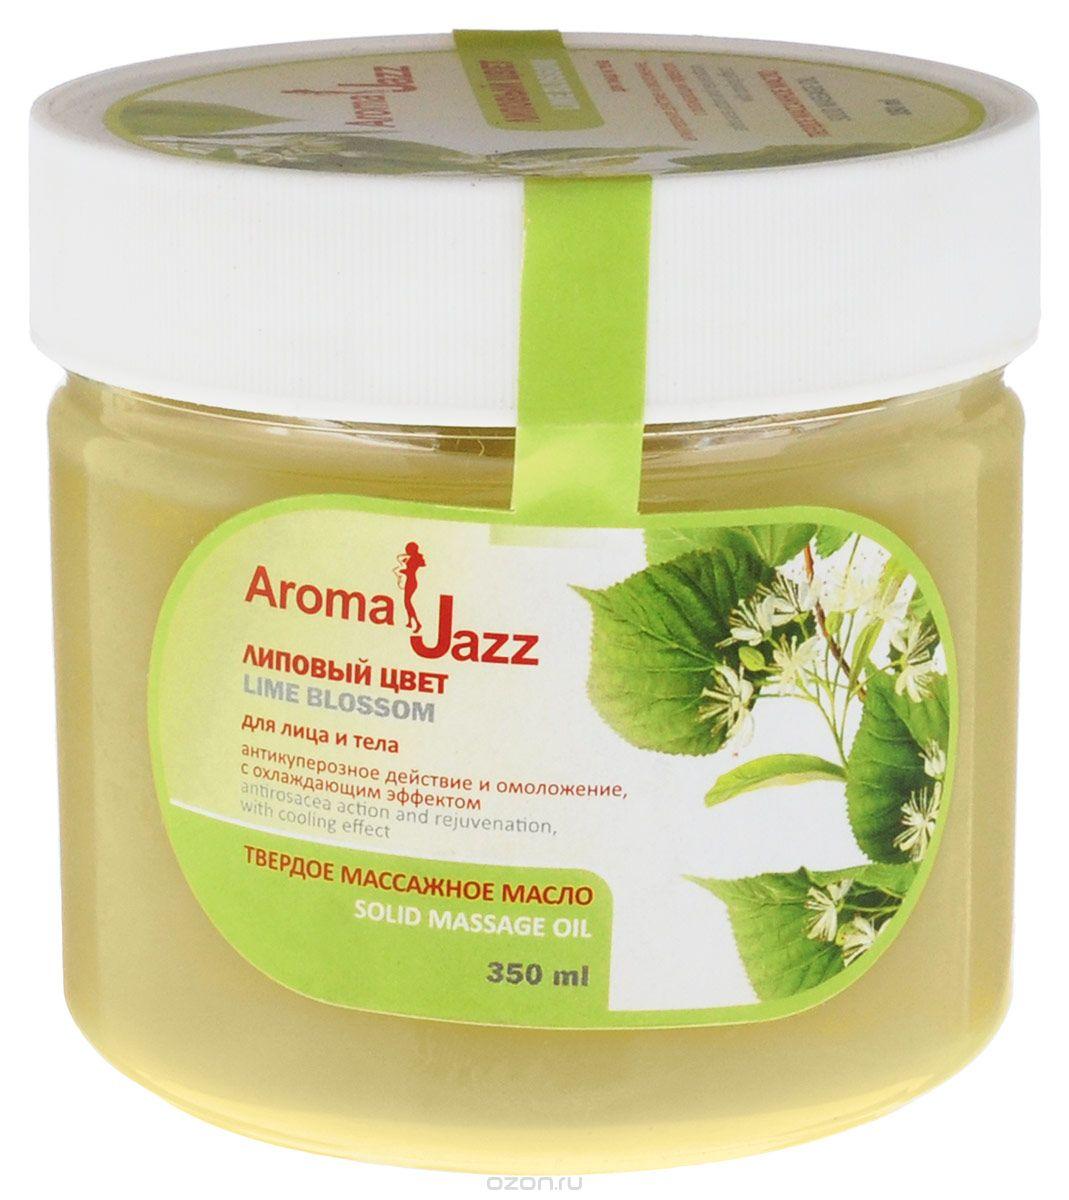 Aroma Jazz Твердое масло питательное Липовый цвет, 300 мл2203Действие: стимулирует регенерацию, синтез коллагена и эластина, восстанавливает баланс всех элементов соединительной ткани, обеспечивает детоксикацию и обновление клеток, усиливает кислородный обмен. Устраняет землистый цвет лица, сокращает поры, укрепляет стенки капилляров, устраняет отеки, подтягивает кожу, разглаживая морщинки. Кожа становится мягкой, нежной, свежей, упругой и обретает однородную текстуру. Противопоказания: индивидуальная непереносимость компонентов продукта. Срок хранения: 24 месяца. После вскрытия упаковки использовать в течение 6 месяцев.